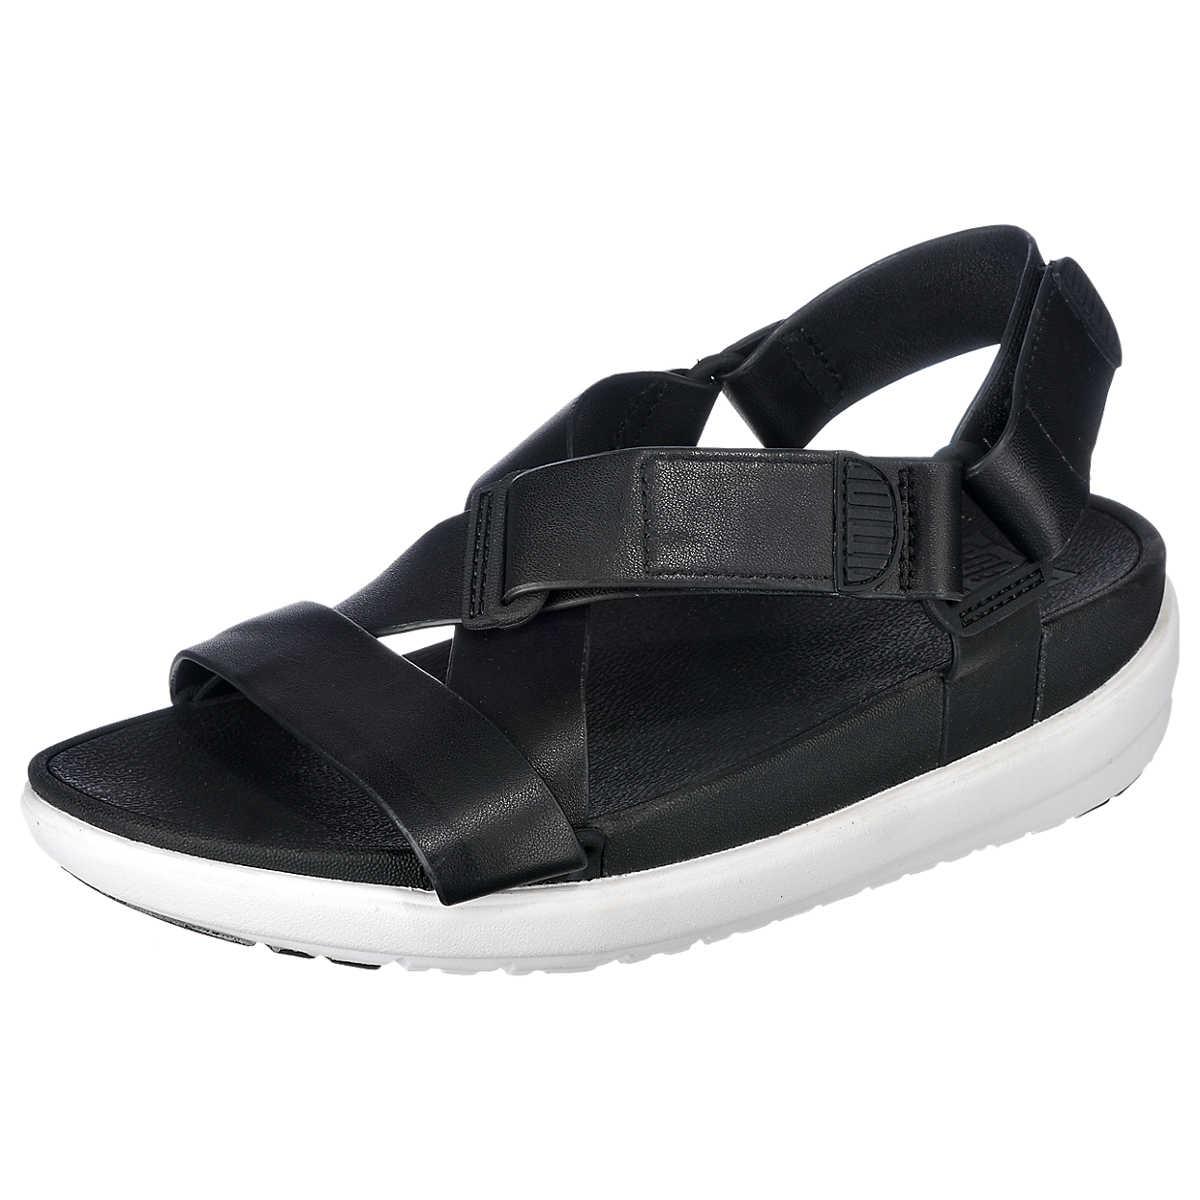 FitFlop Sling Sandalen schwarz - FitFlop - Sandalen - Schuhe - mirapodo.de